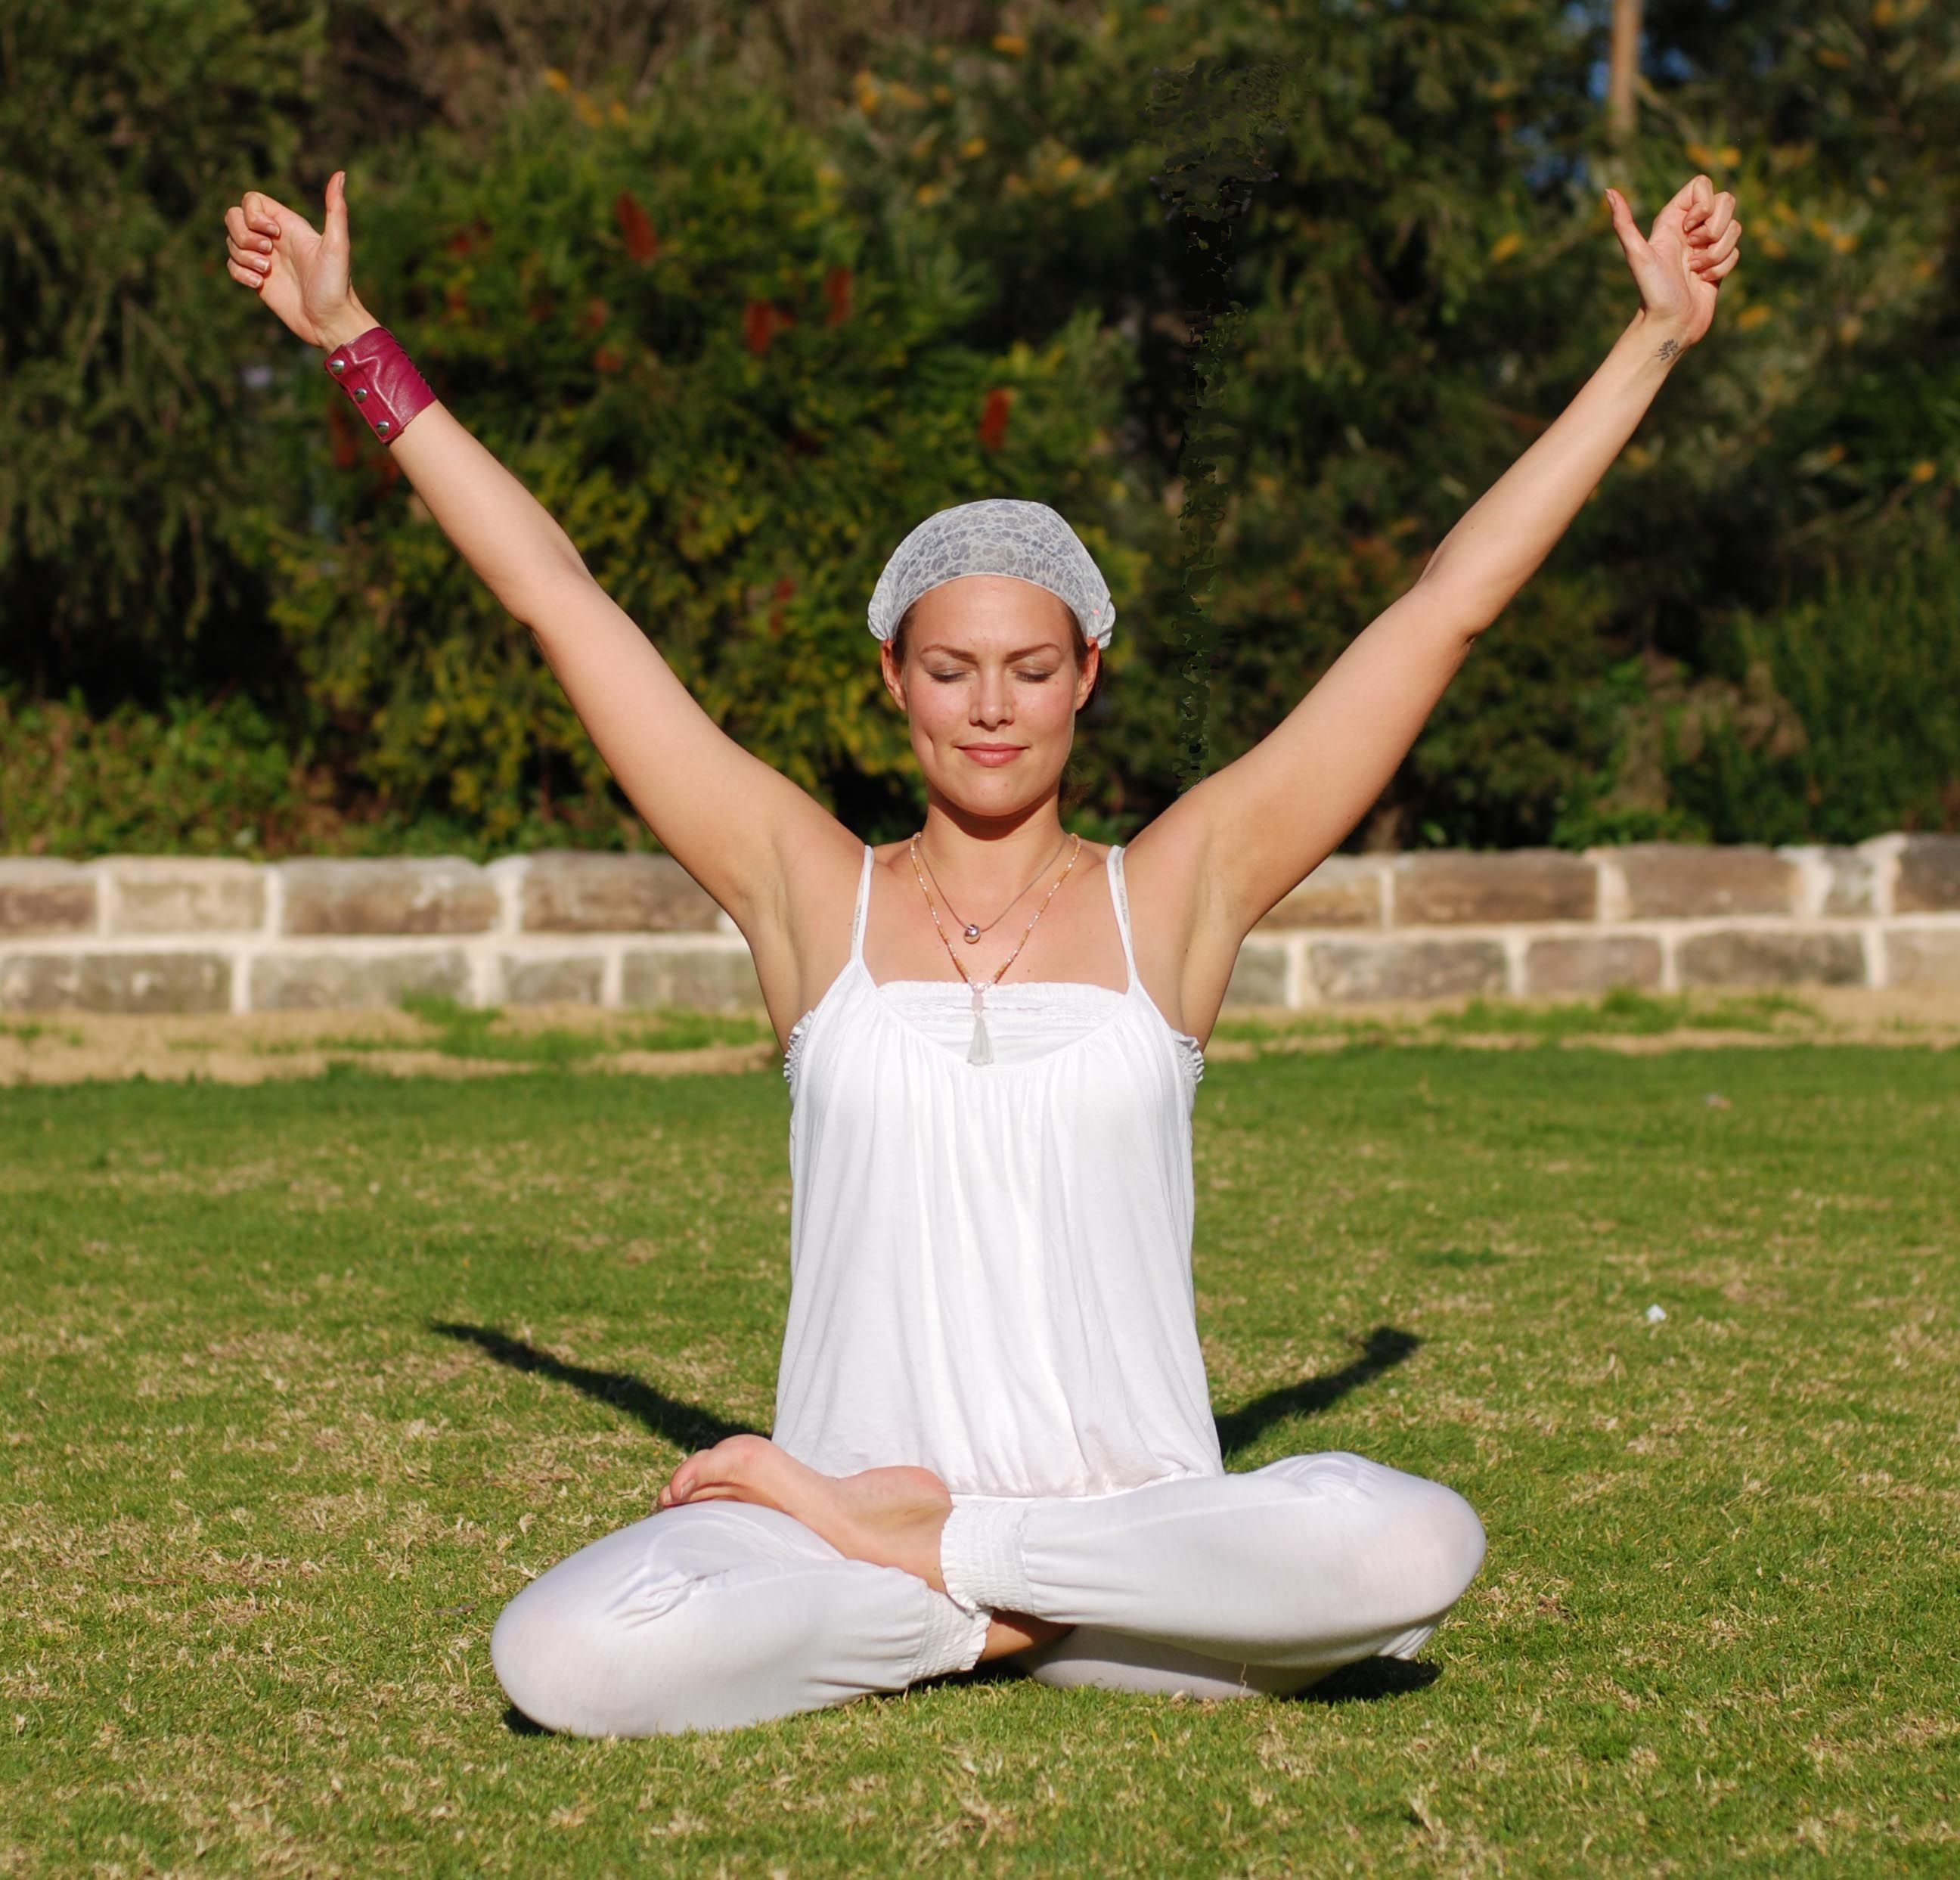 Ego Eradicator Kundalini Yoga Yoga Articles Kundalini